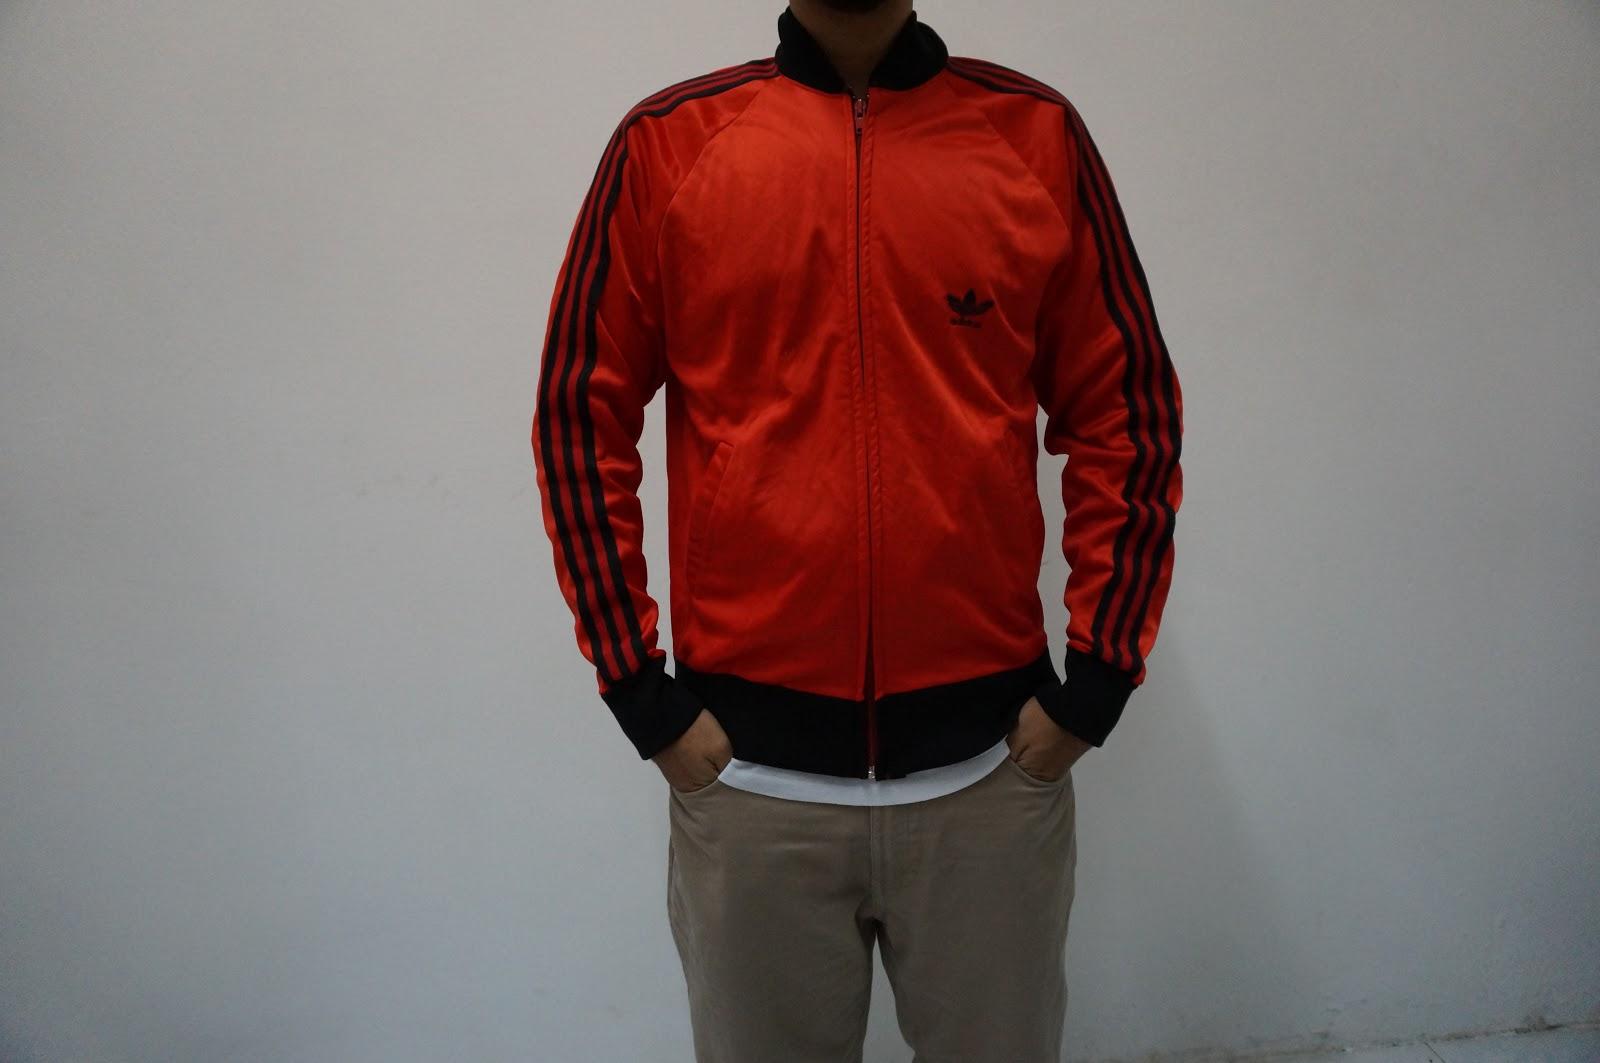 jaket adidas merah - photo #12